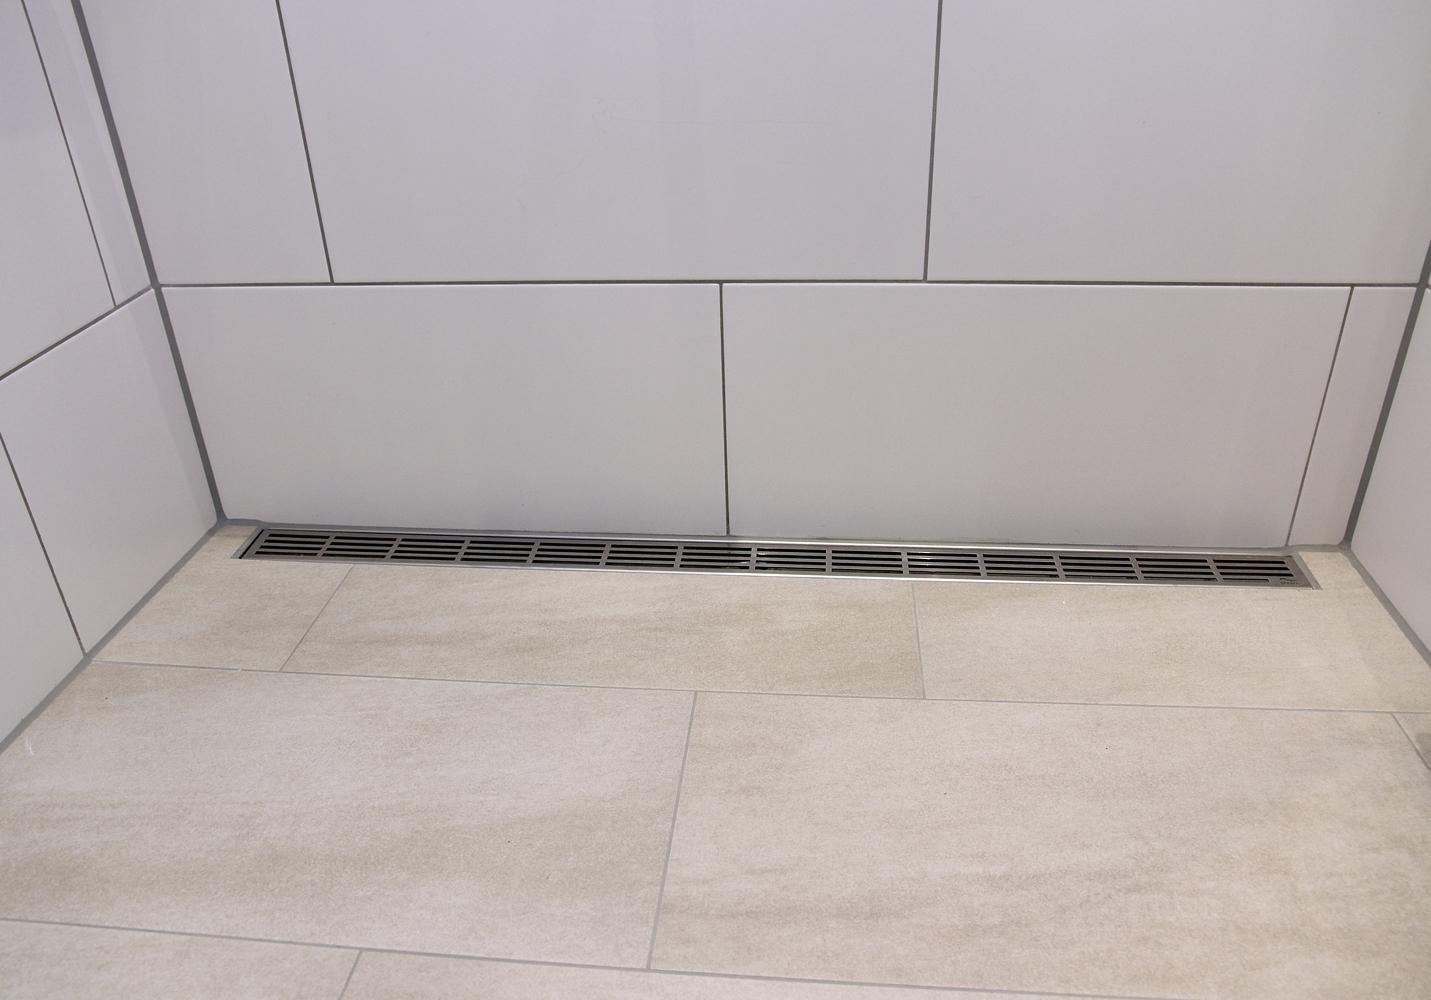 Eine zweite Rinne entwässert zusätzlich unter dem Duschvorhang.